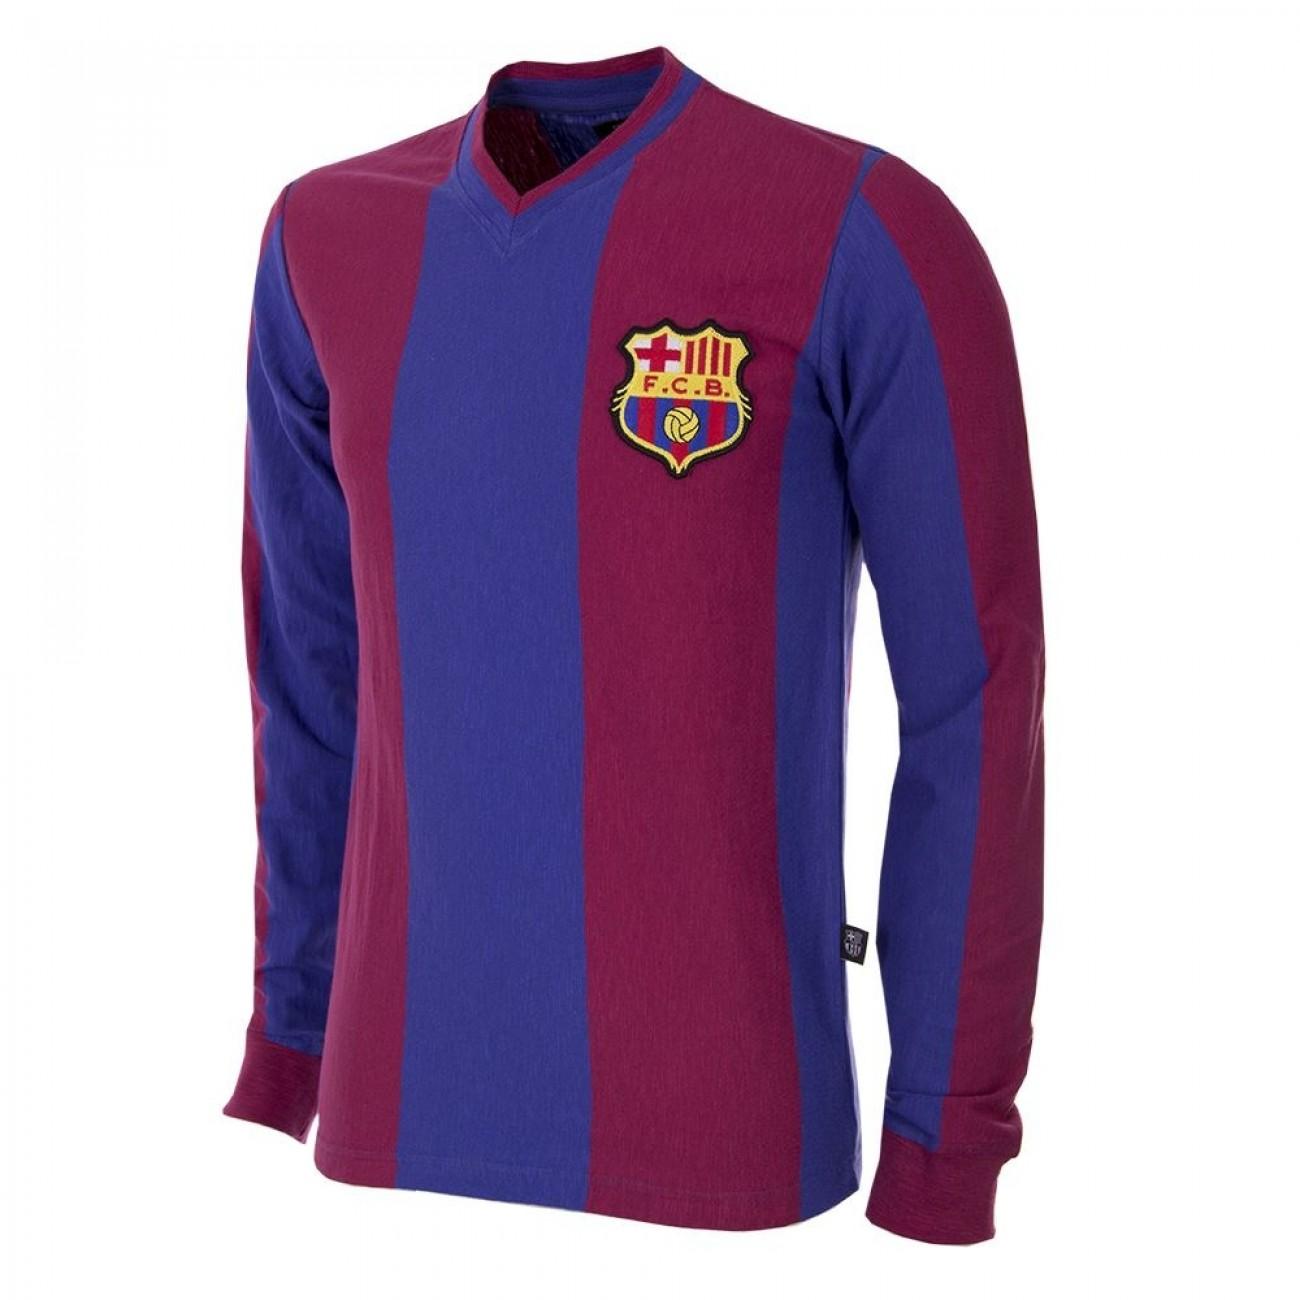 71ec57473 Official Barcelona Fc Barcelona T Shirt - Querciacb